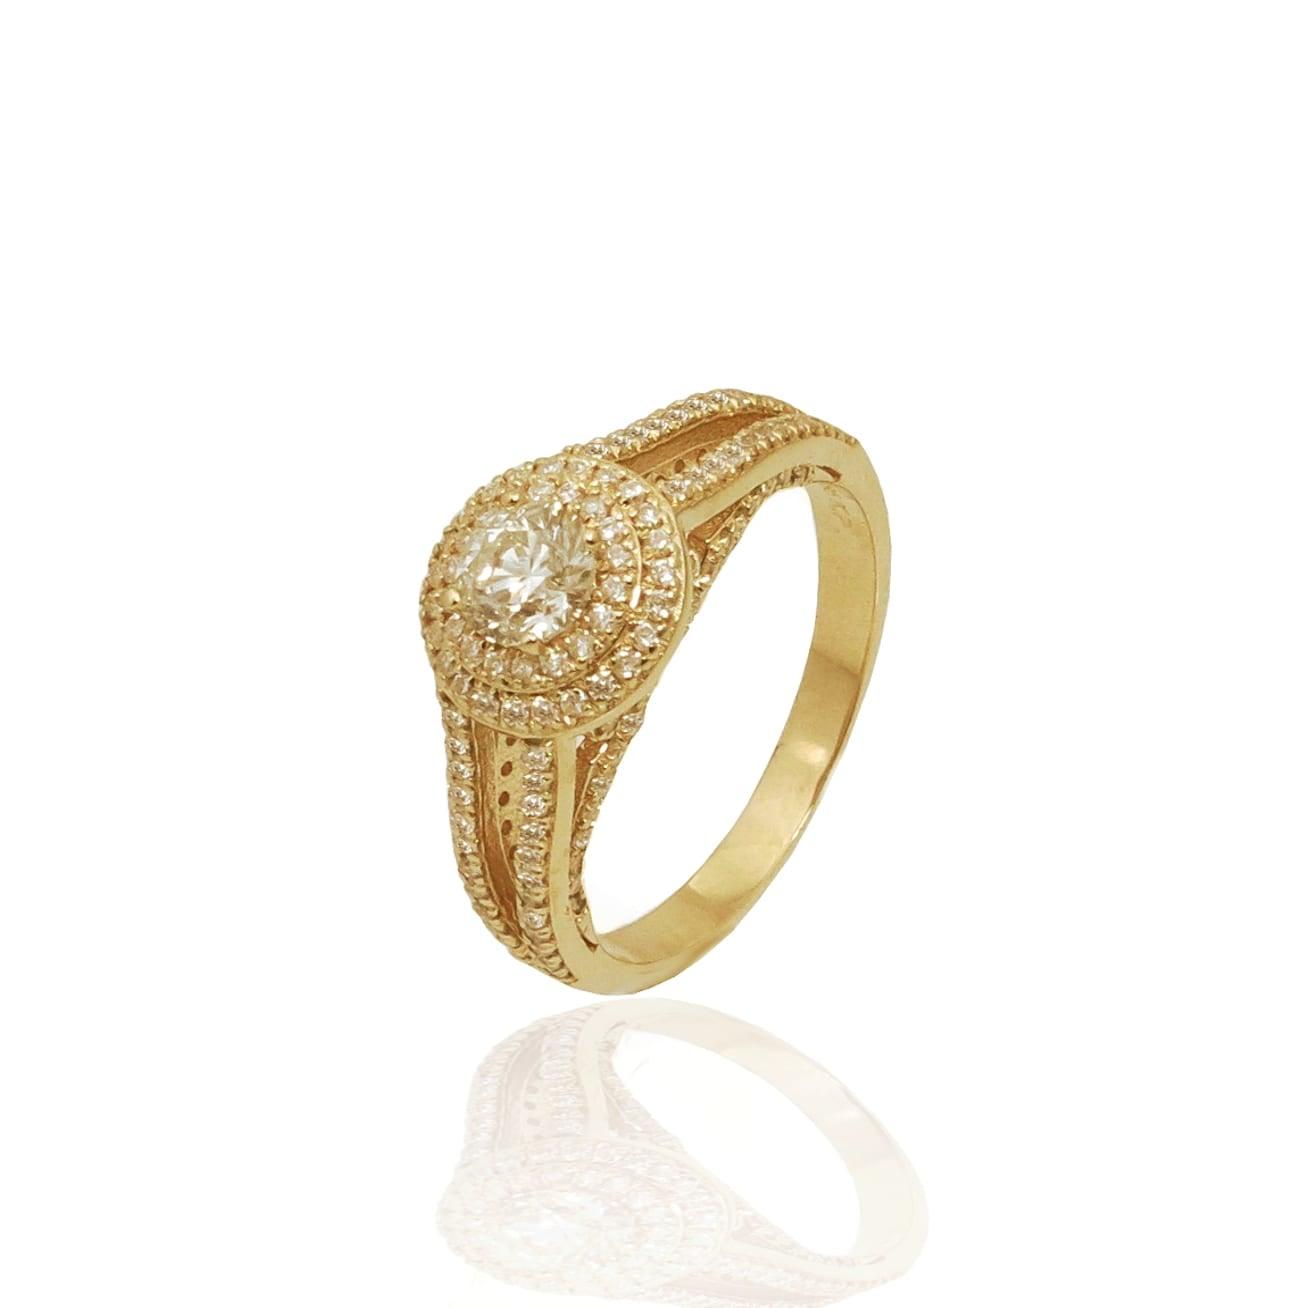 טבעת אירוסין מעוצבת משובצת יהלומים 1.20 קראט בזהב 14 קרט - תעודה גמולוגית IGL